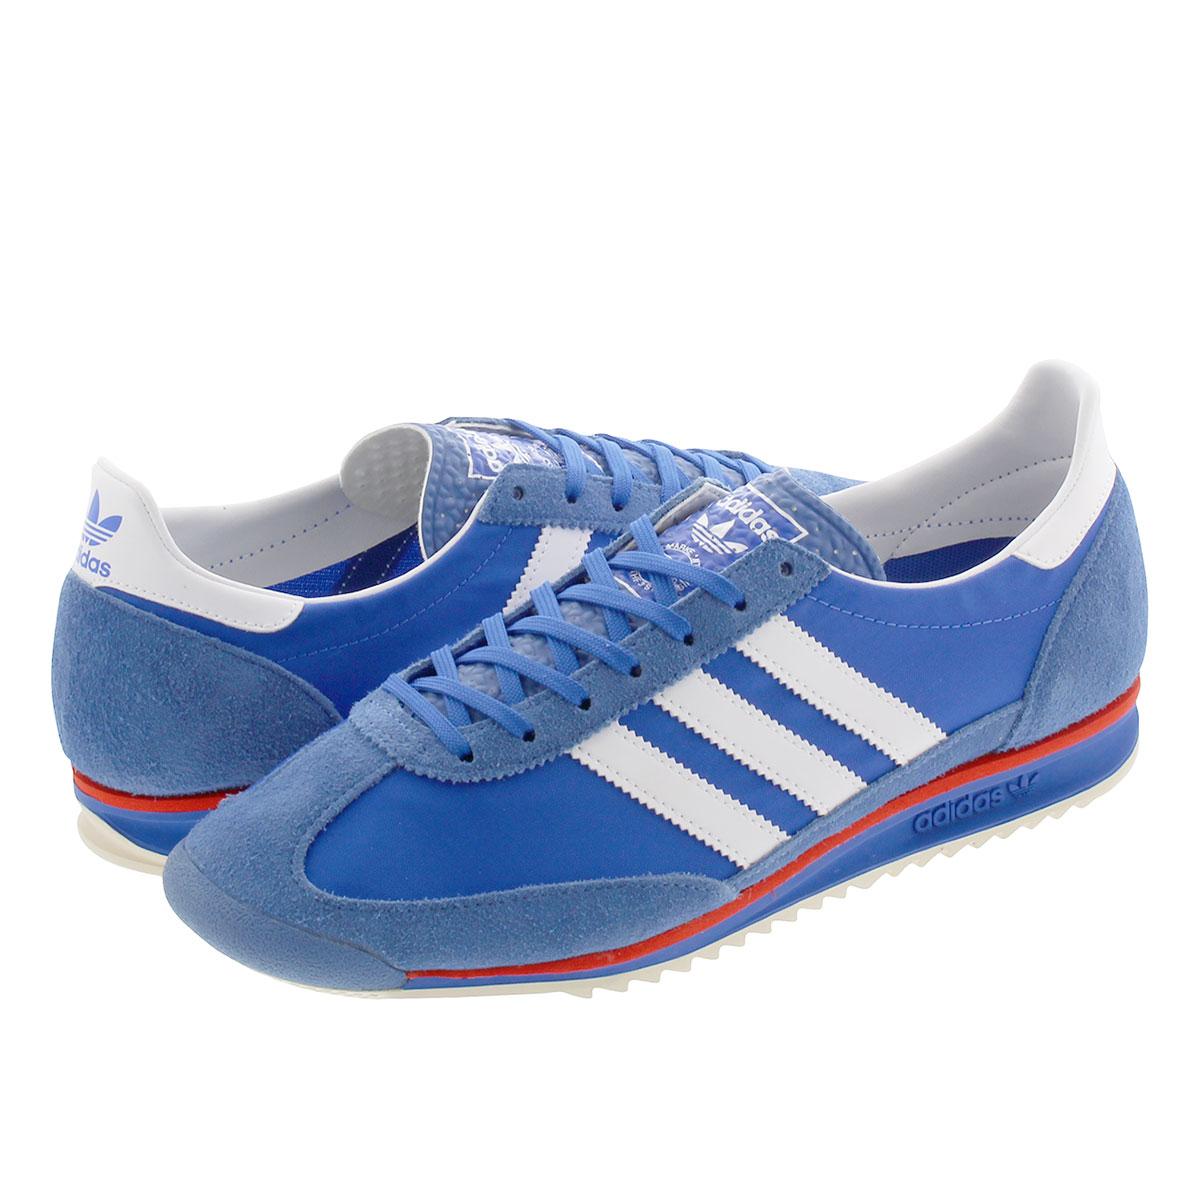 メンズ靴, スニーカー adidas SL 72 72 BLUEFTWR WHITEBLUE fy7689